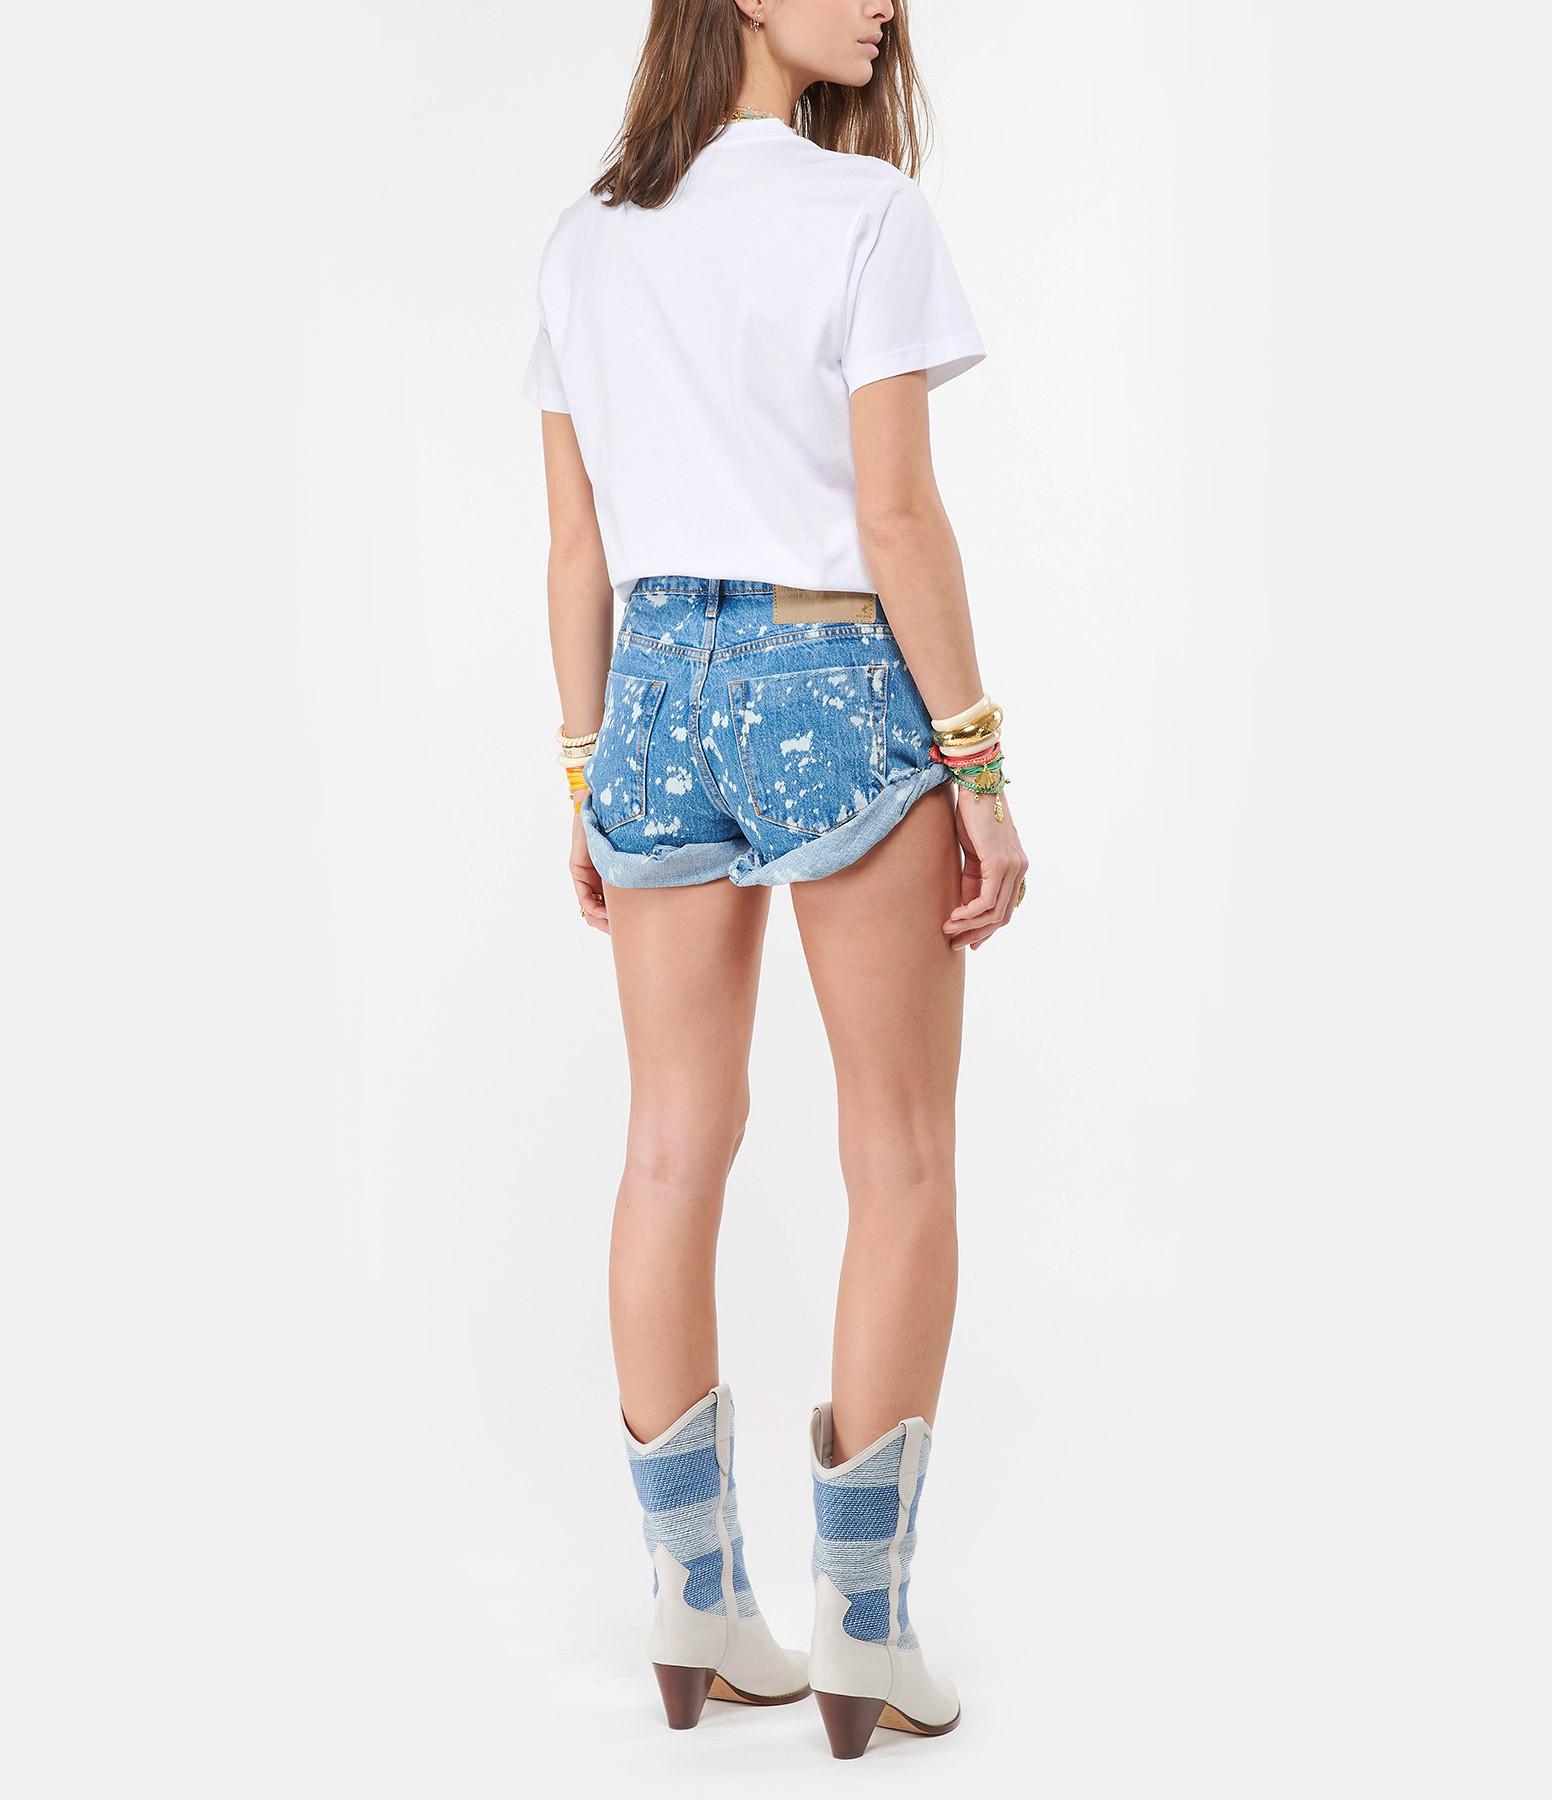 ISABEL MARANT - Tee-shirt Zaof Coton Blanc